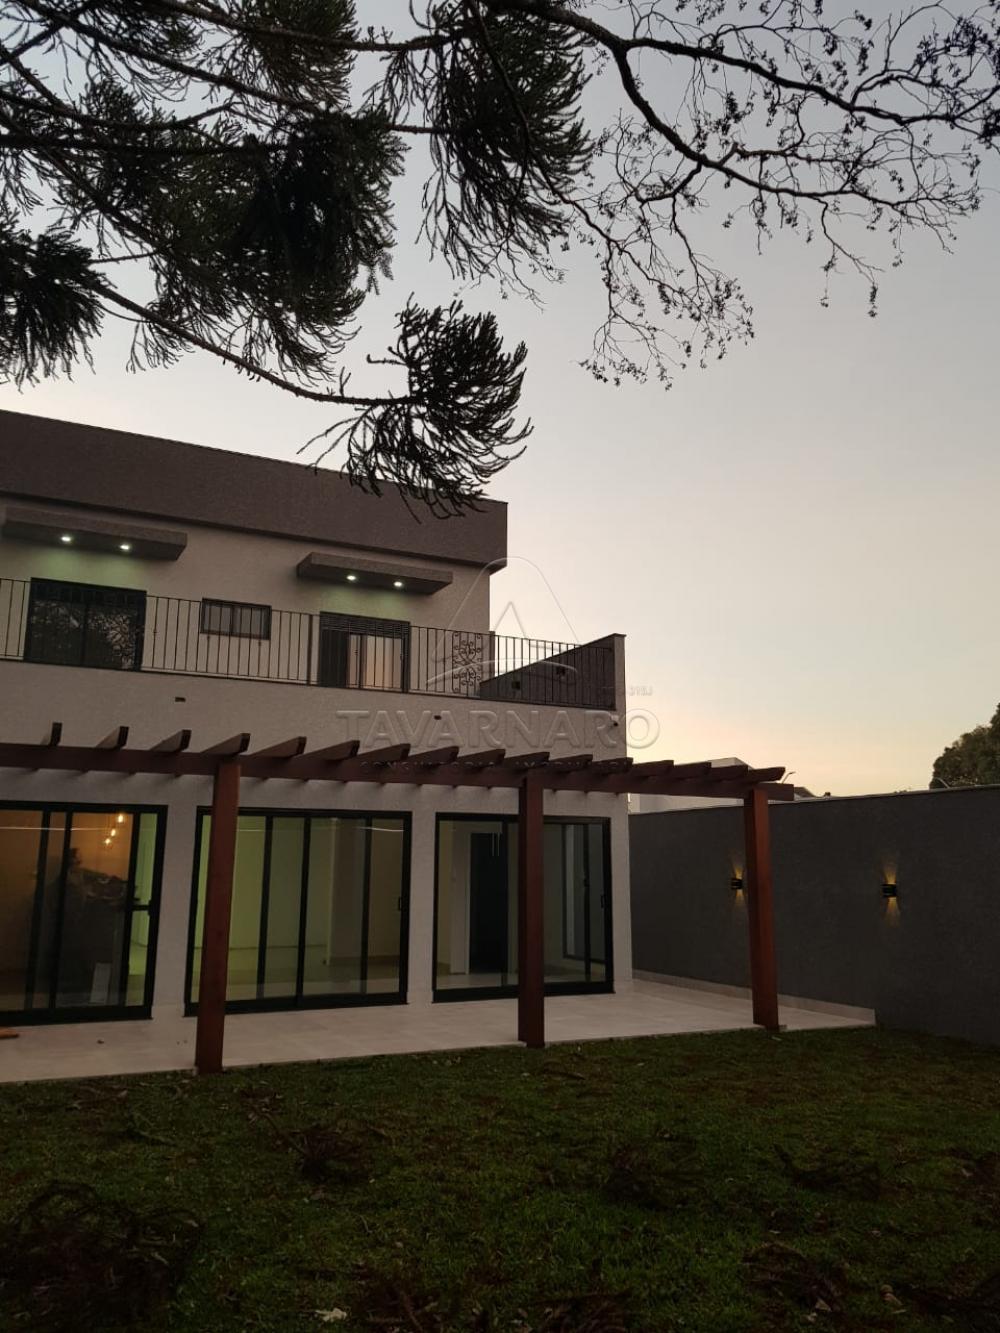 Comprar Casa / Padrão em Guarapuava apenas R$ 1.600.000,00 - Foto 4